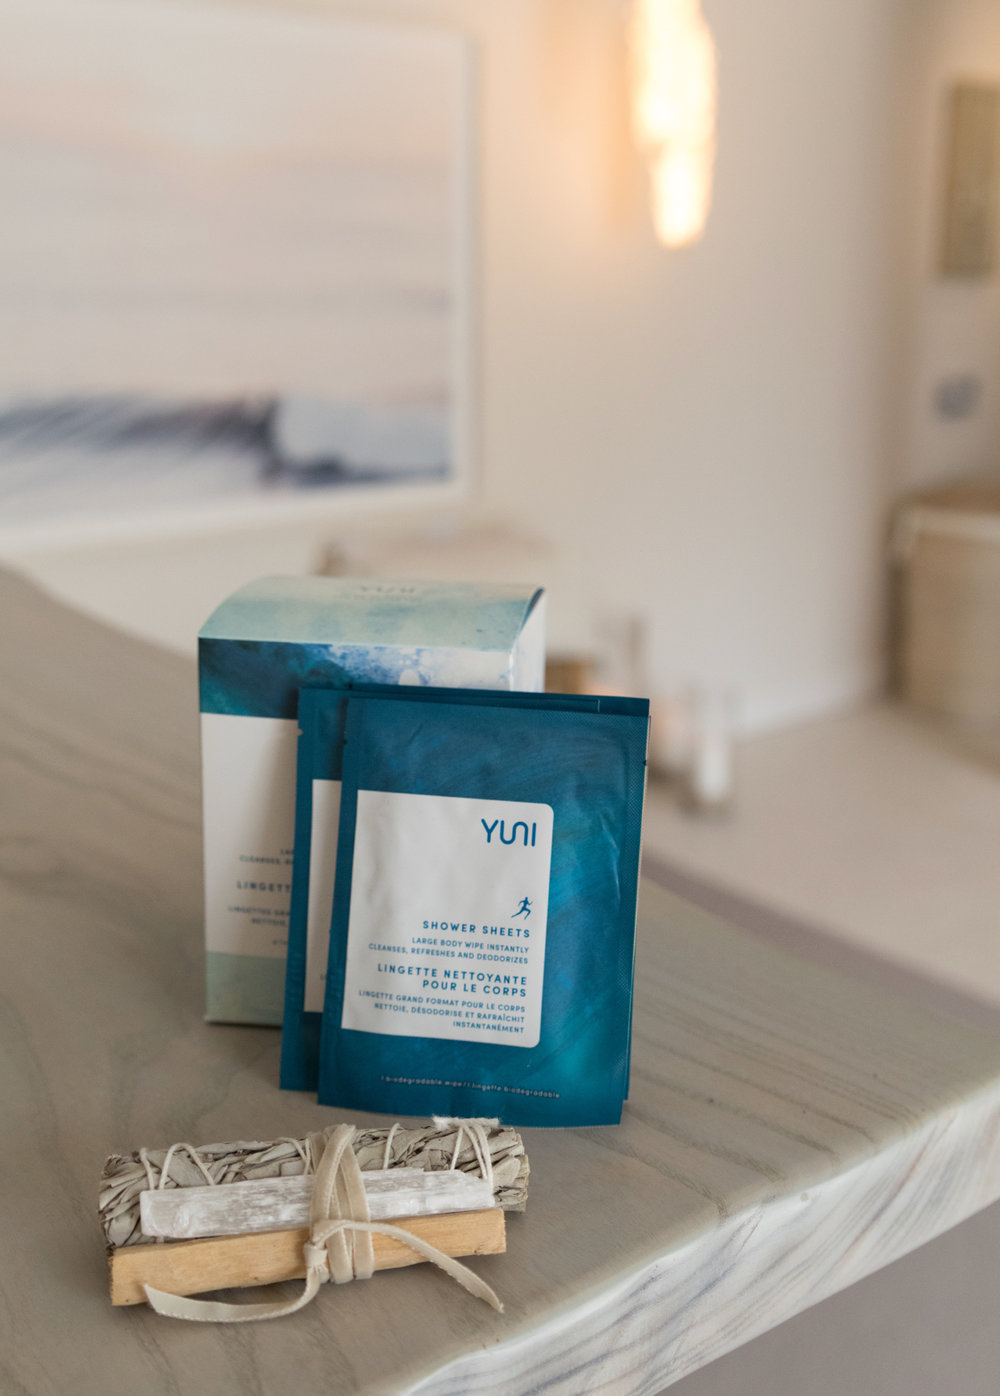 Yuni Shower Sheets